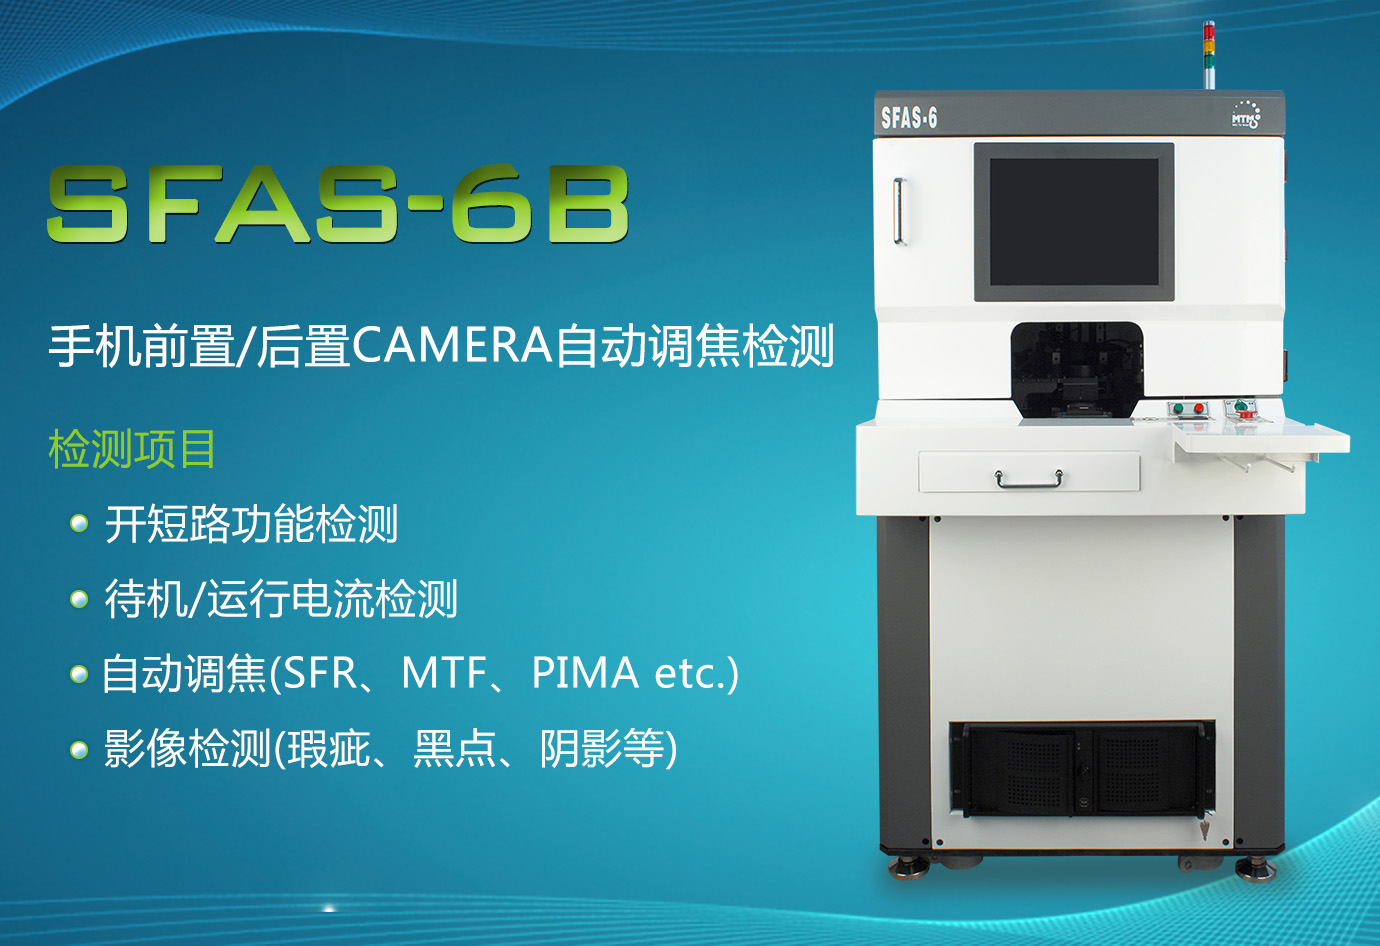 SFAS-6B